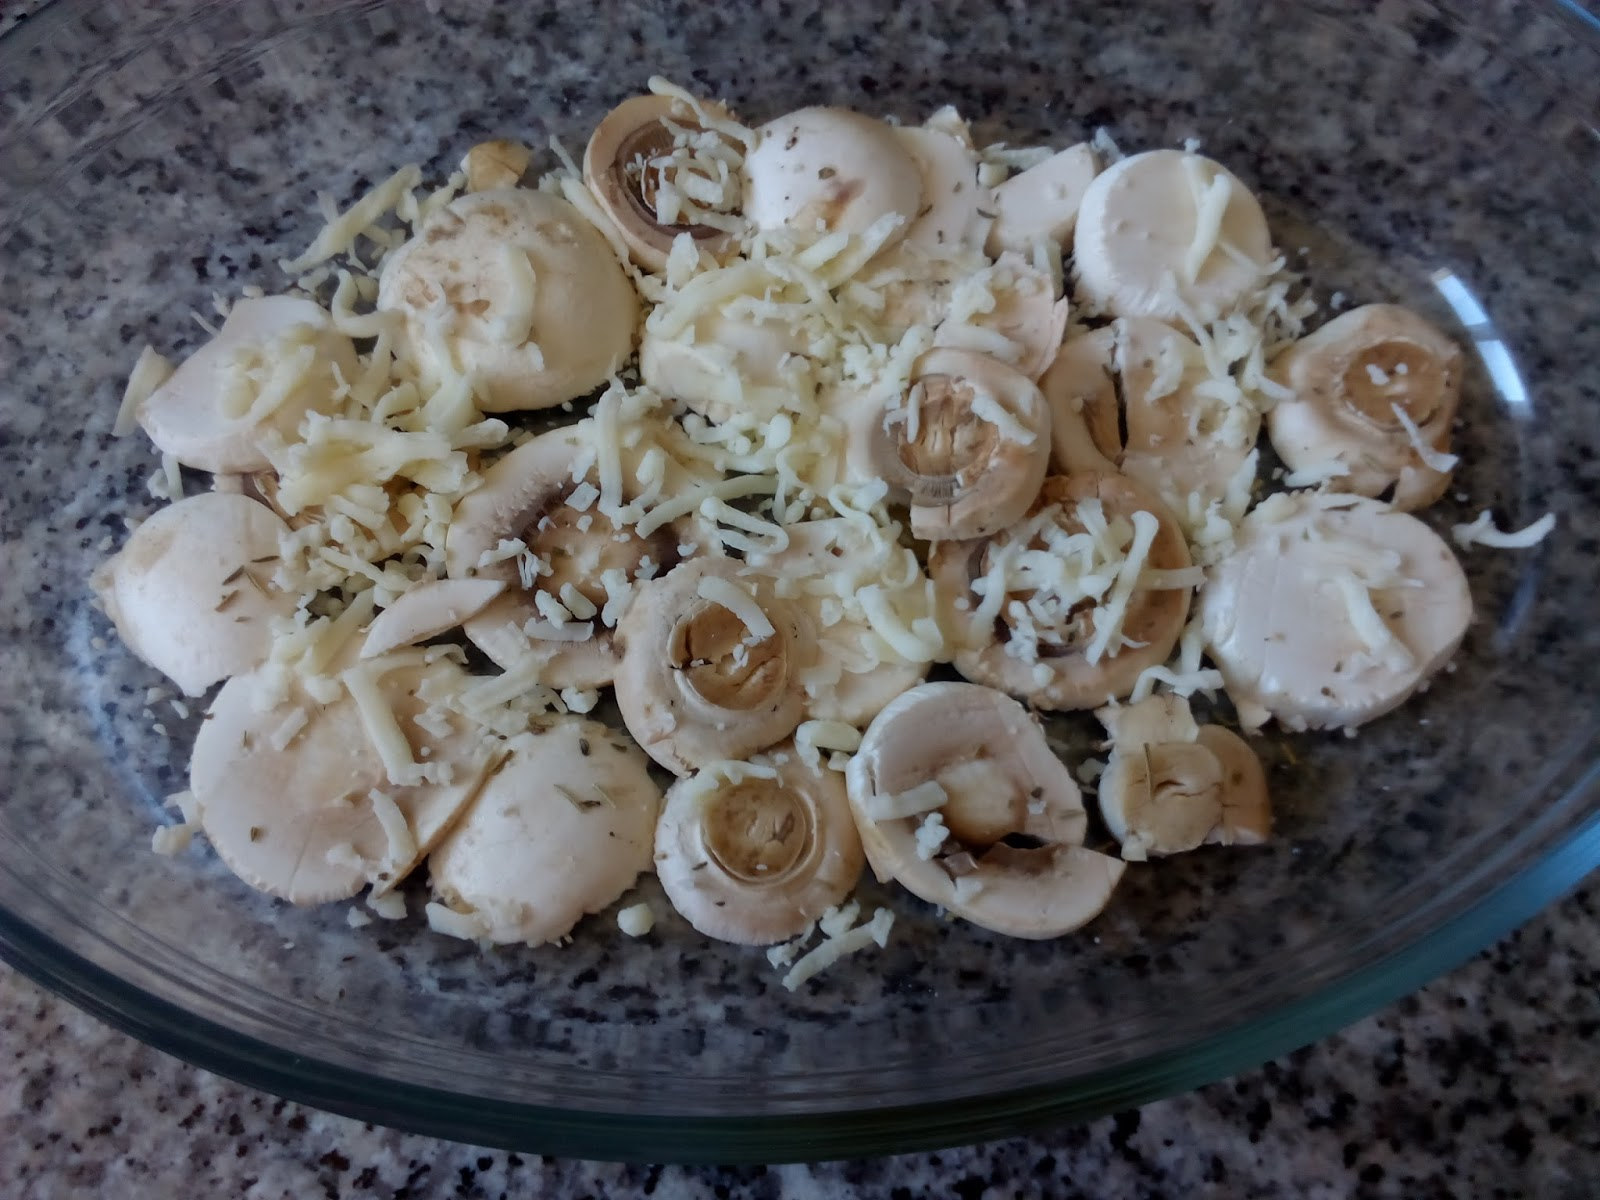 Aquienmisalon champi ones laminados gratinados for Cocinar champinones laminados